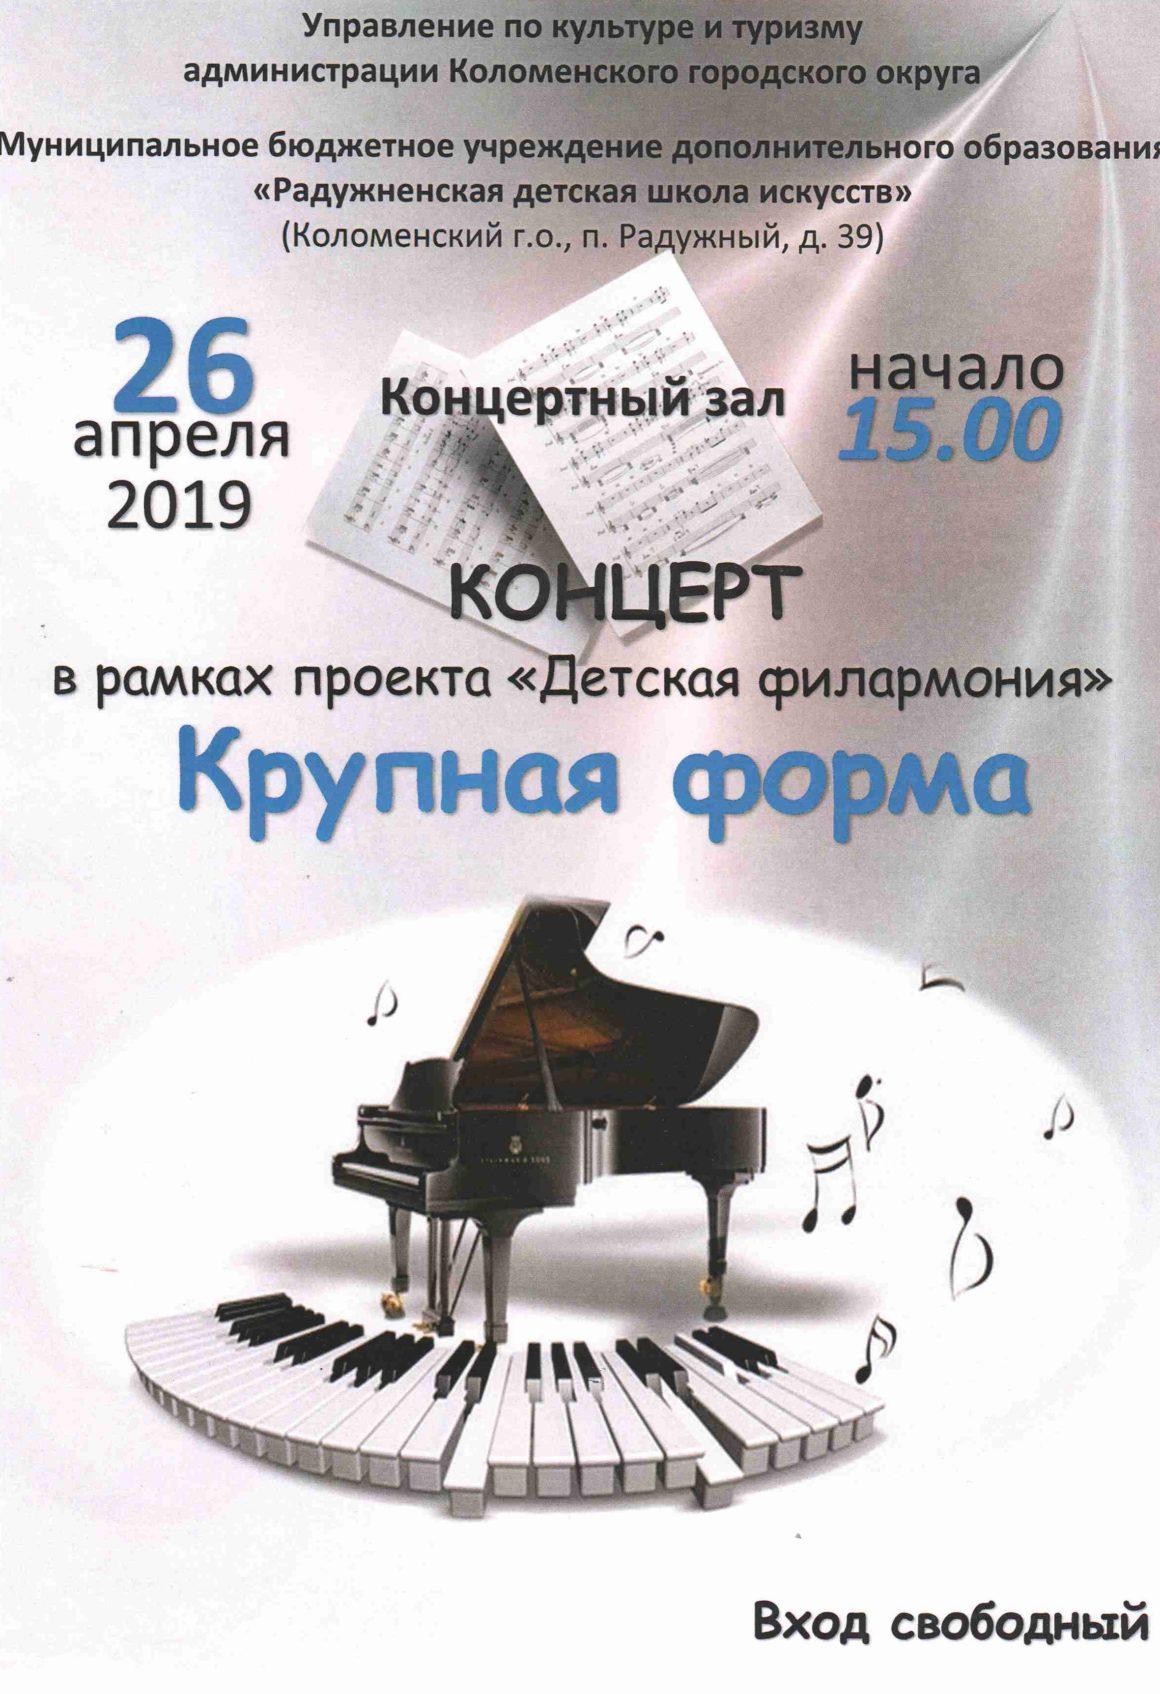 Концерт «Крупная форма»